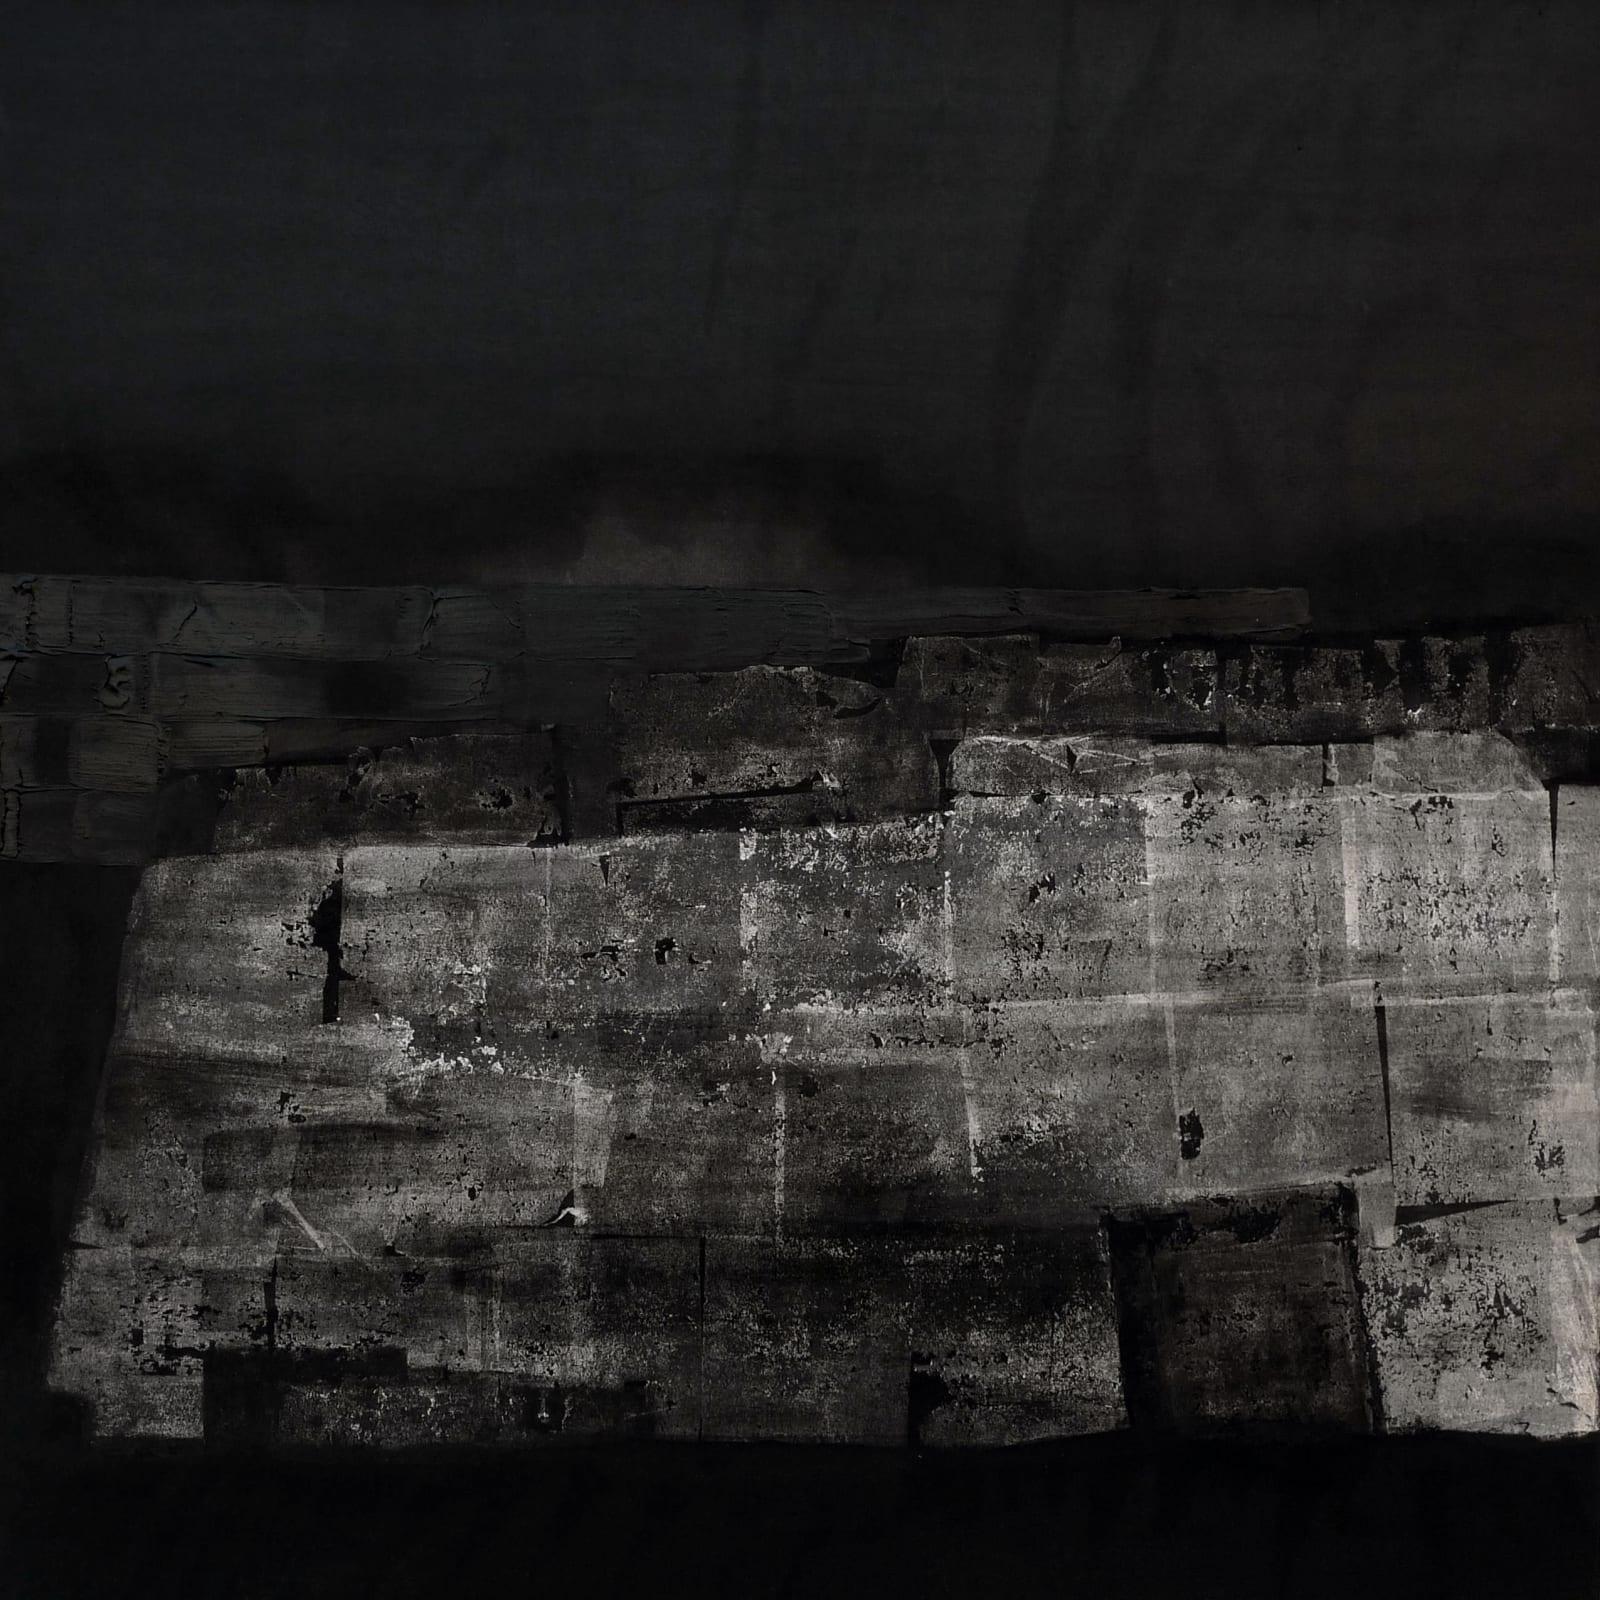 Li Hao 李皓, Changge 長歌 No.1, 2013